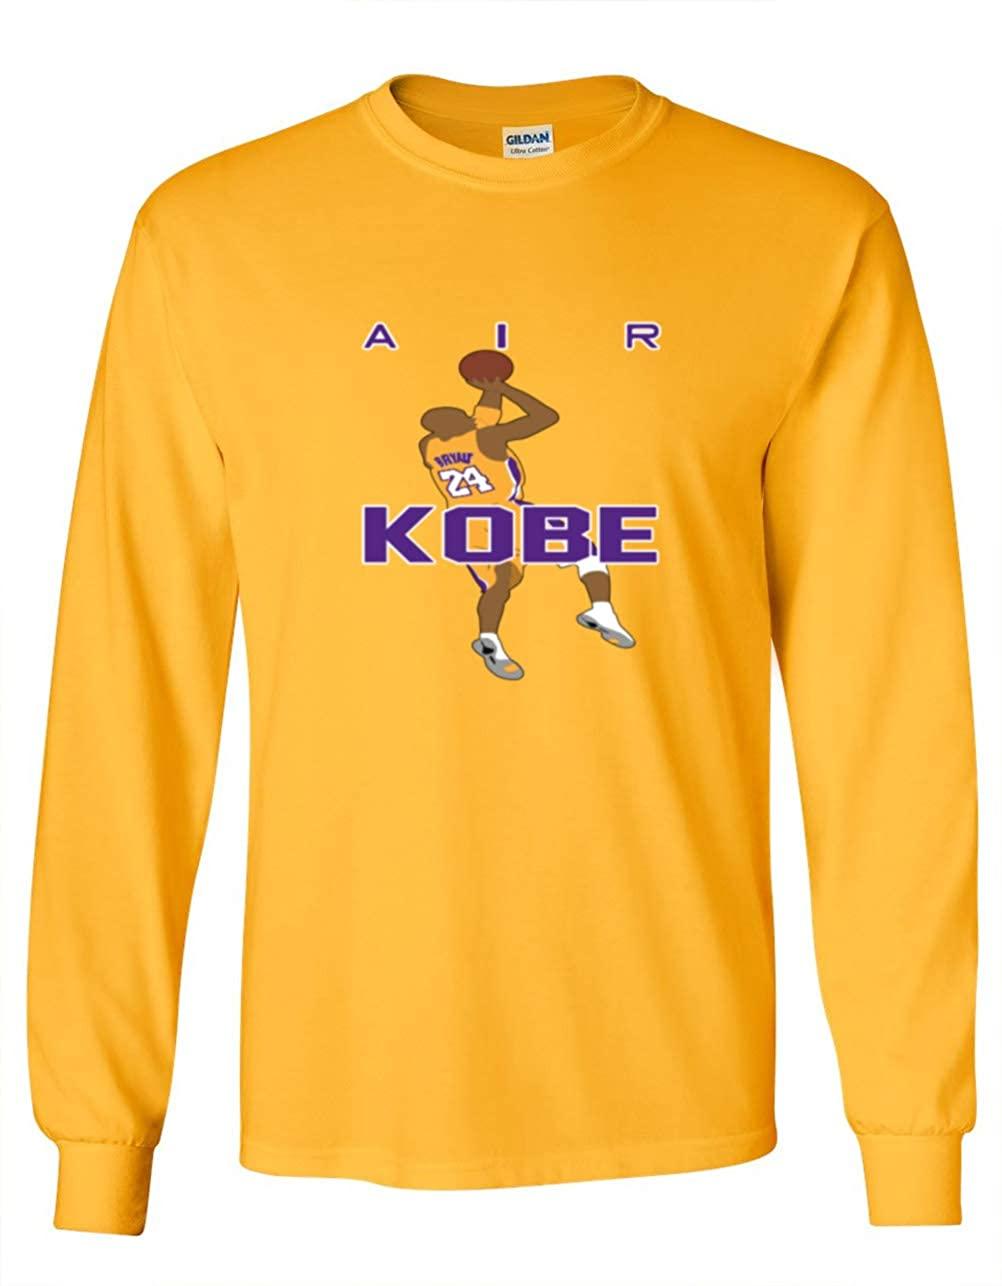 Shedd Shirts Long Sleeve Gold Los Angeles AIR Kobe T-Shirt Youth